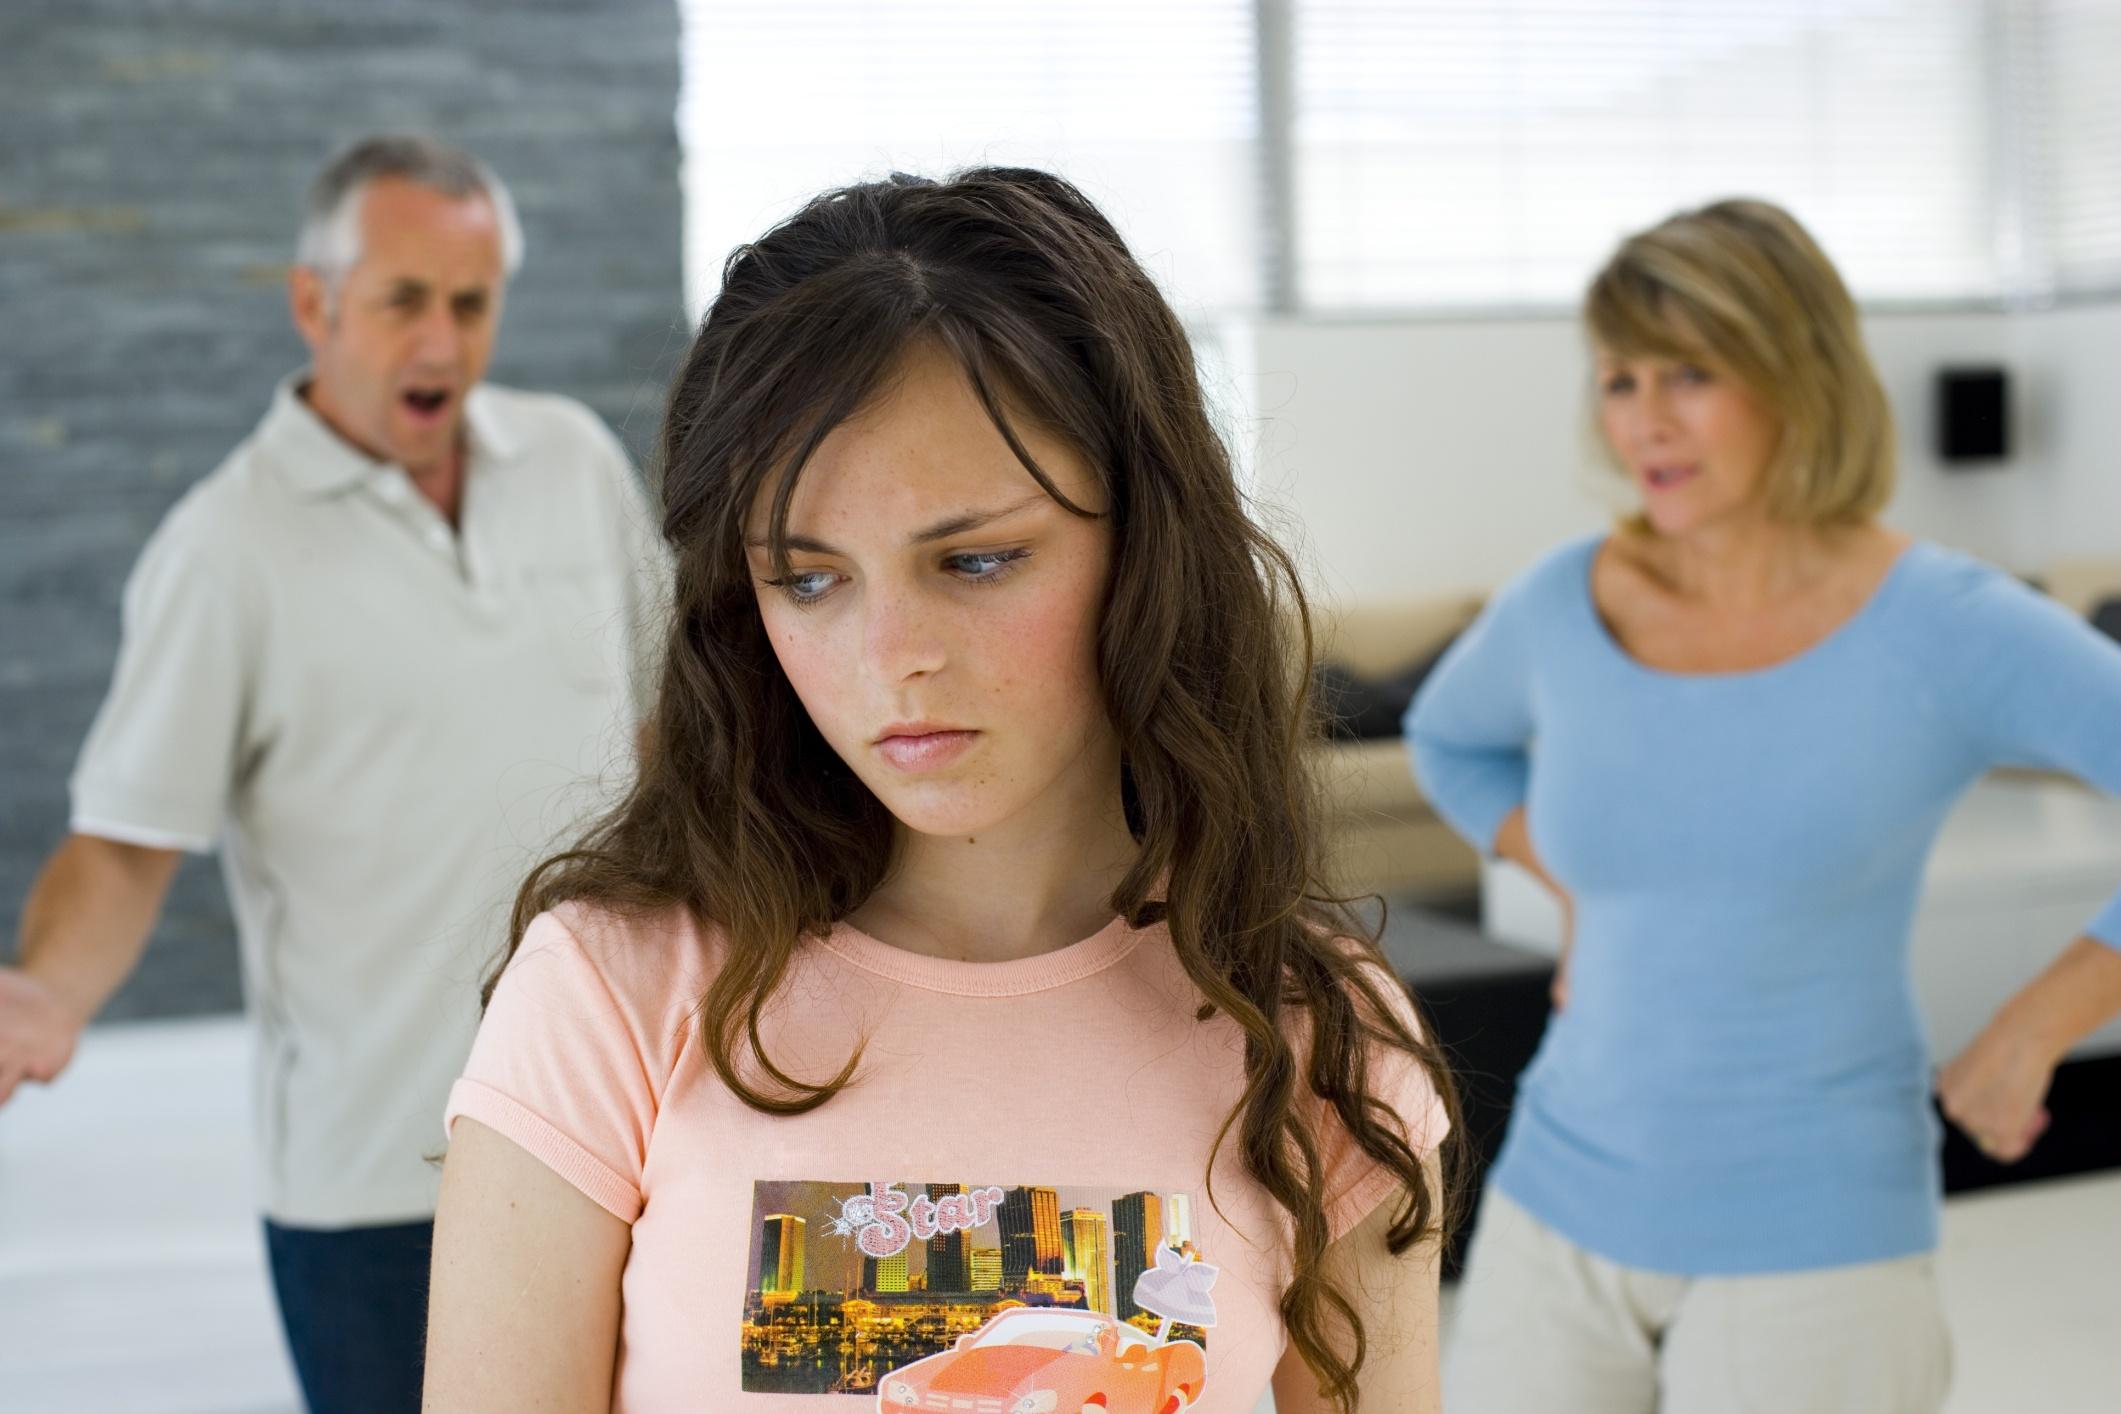 Teen ơi, làm bạn nhé' - 10 điều cha mẹ thường hiểu nhầm con